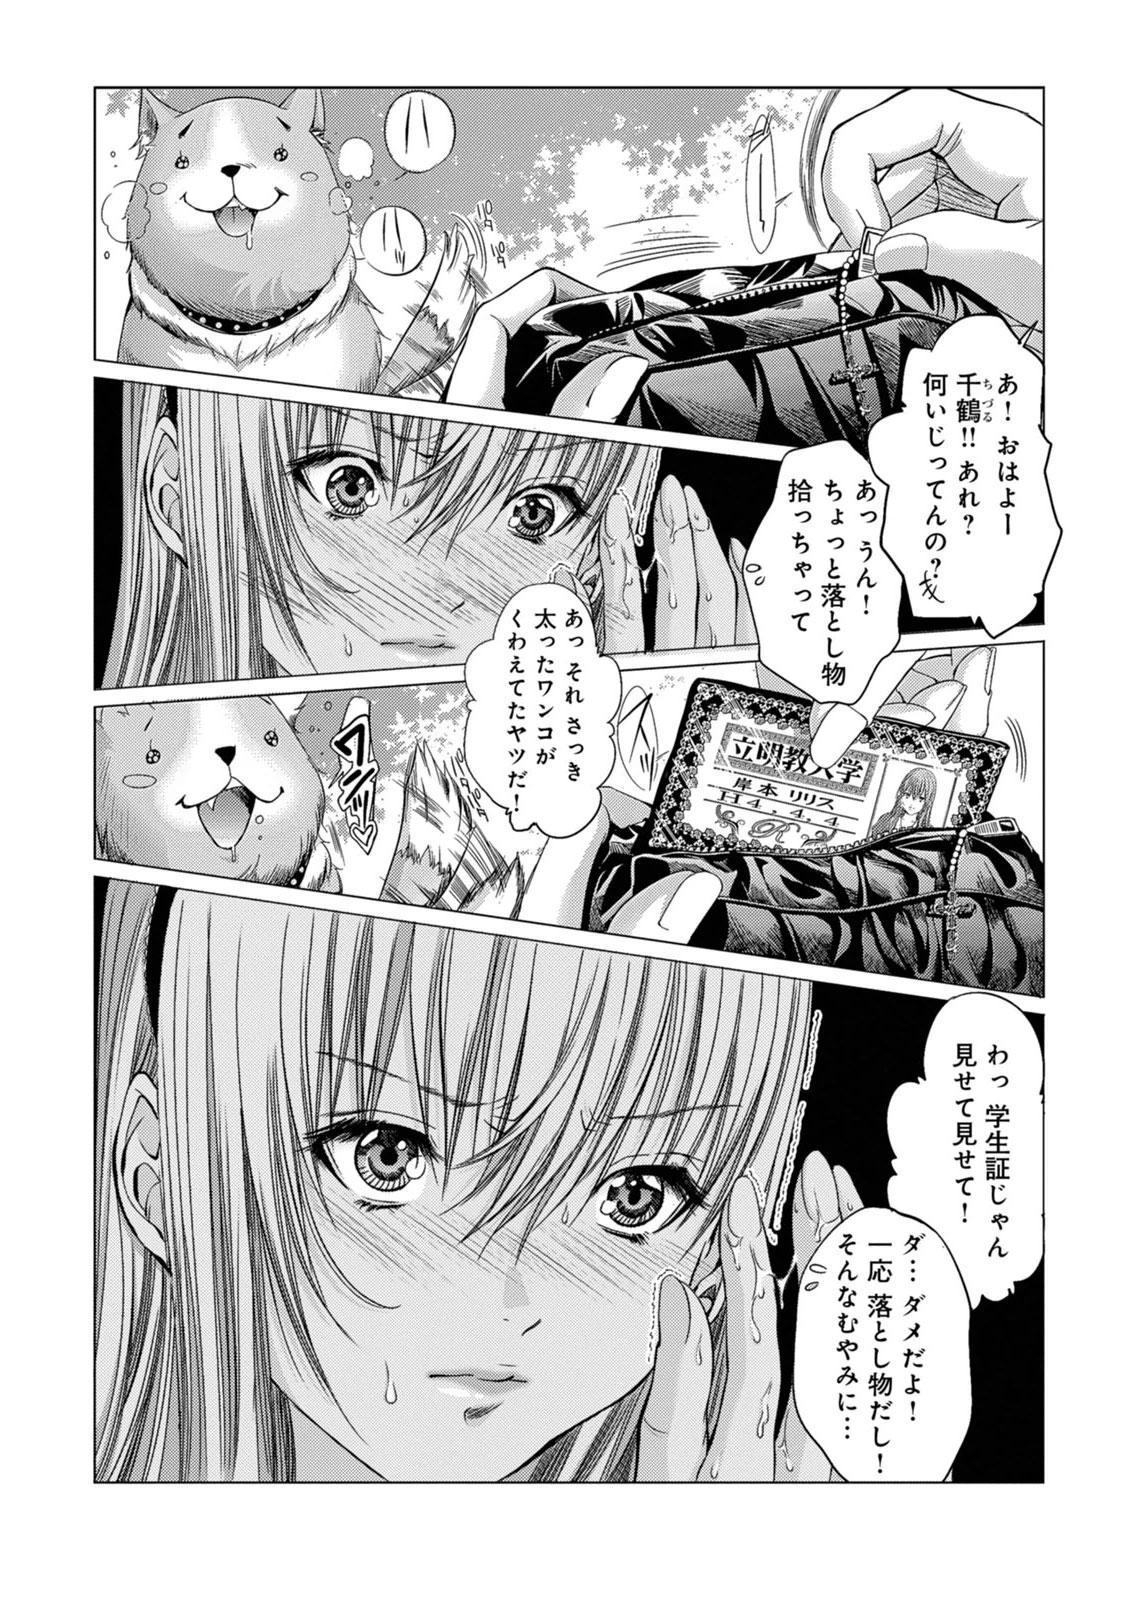 [Miyazaki Maya] Holy Knight ~Junketsu to Ai no Hazama de~ Vol. 1 15